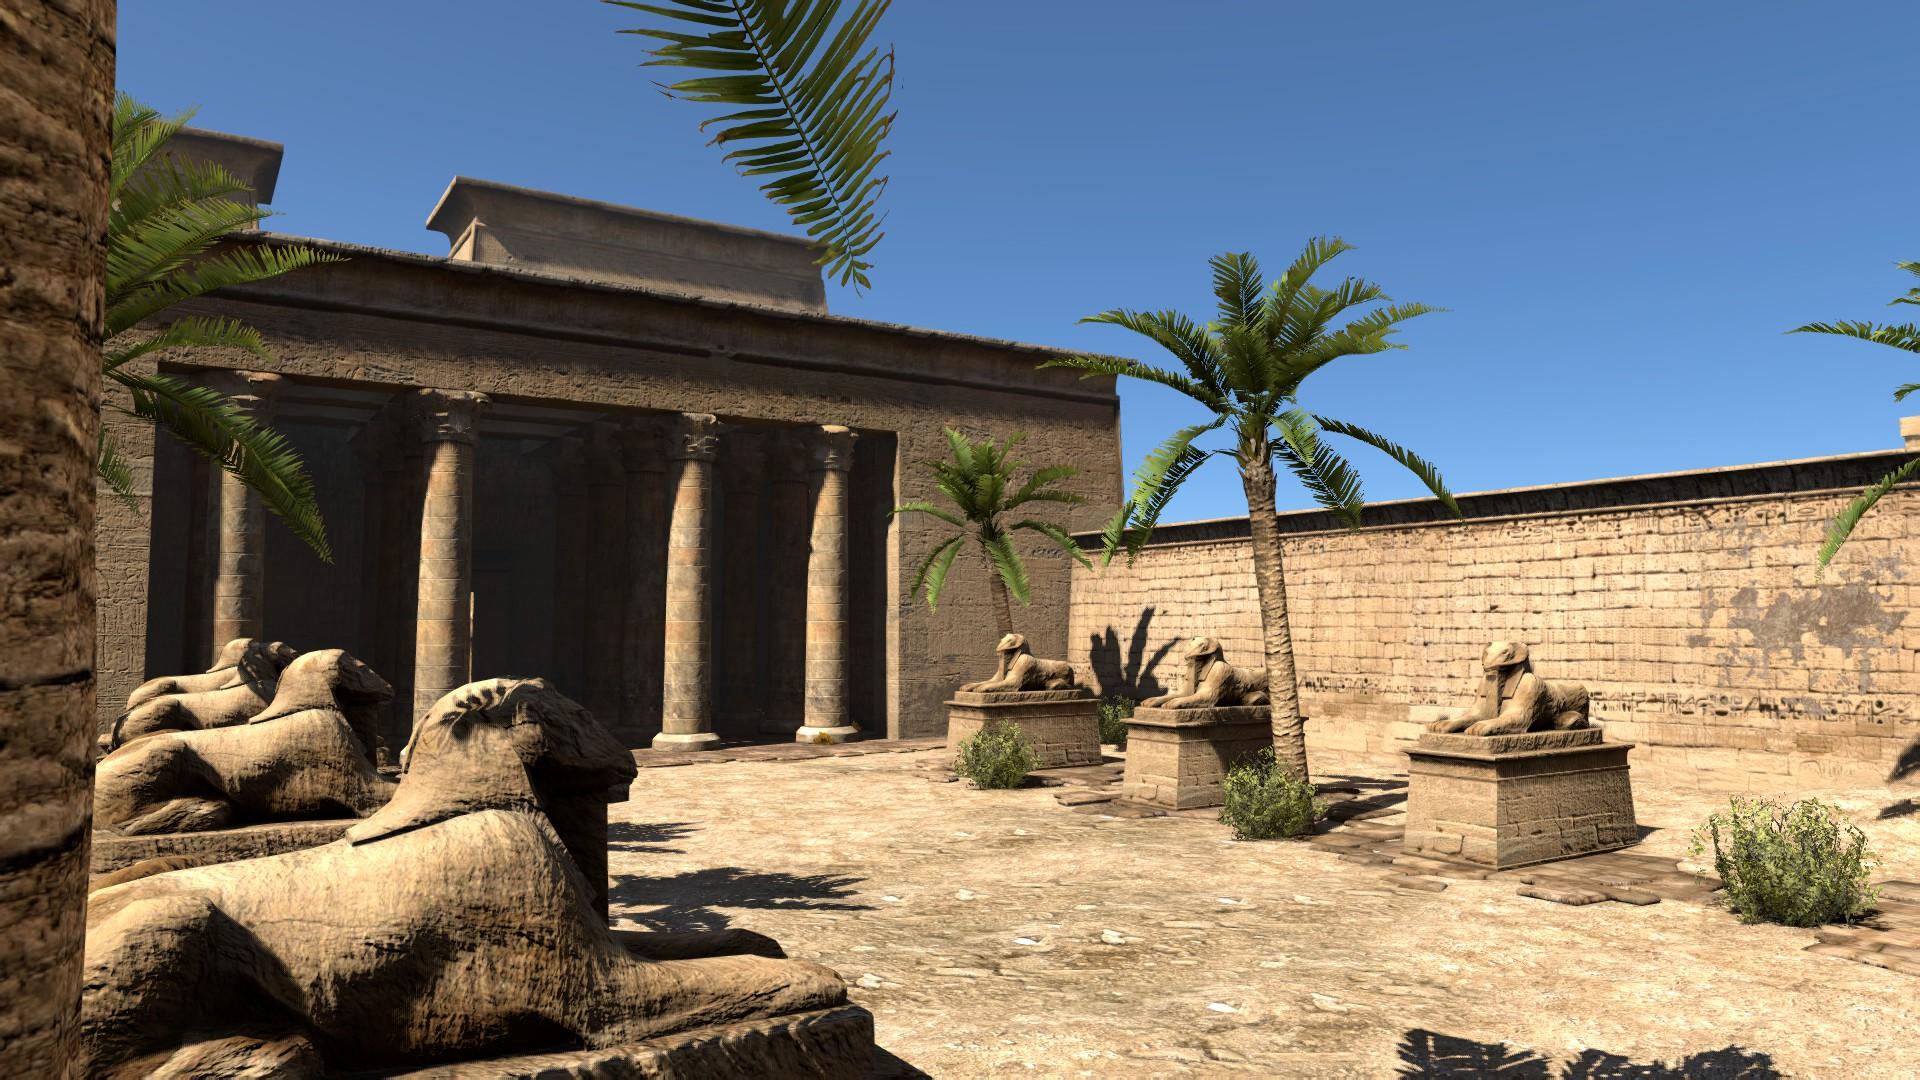 Karnak (location)